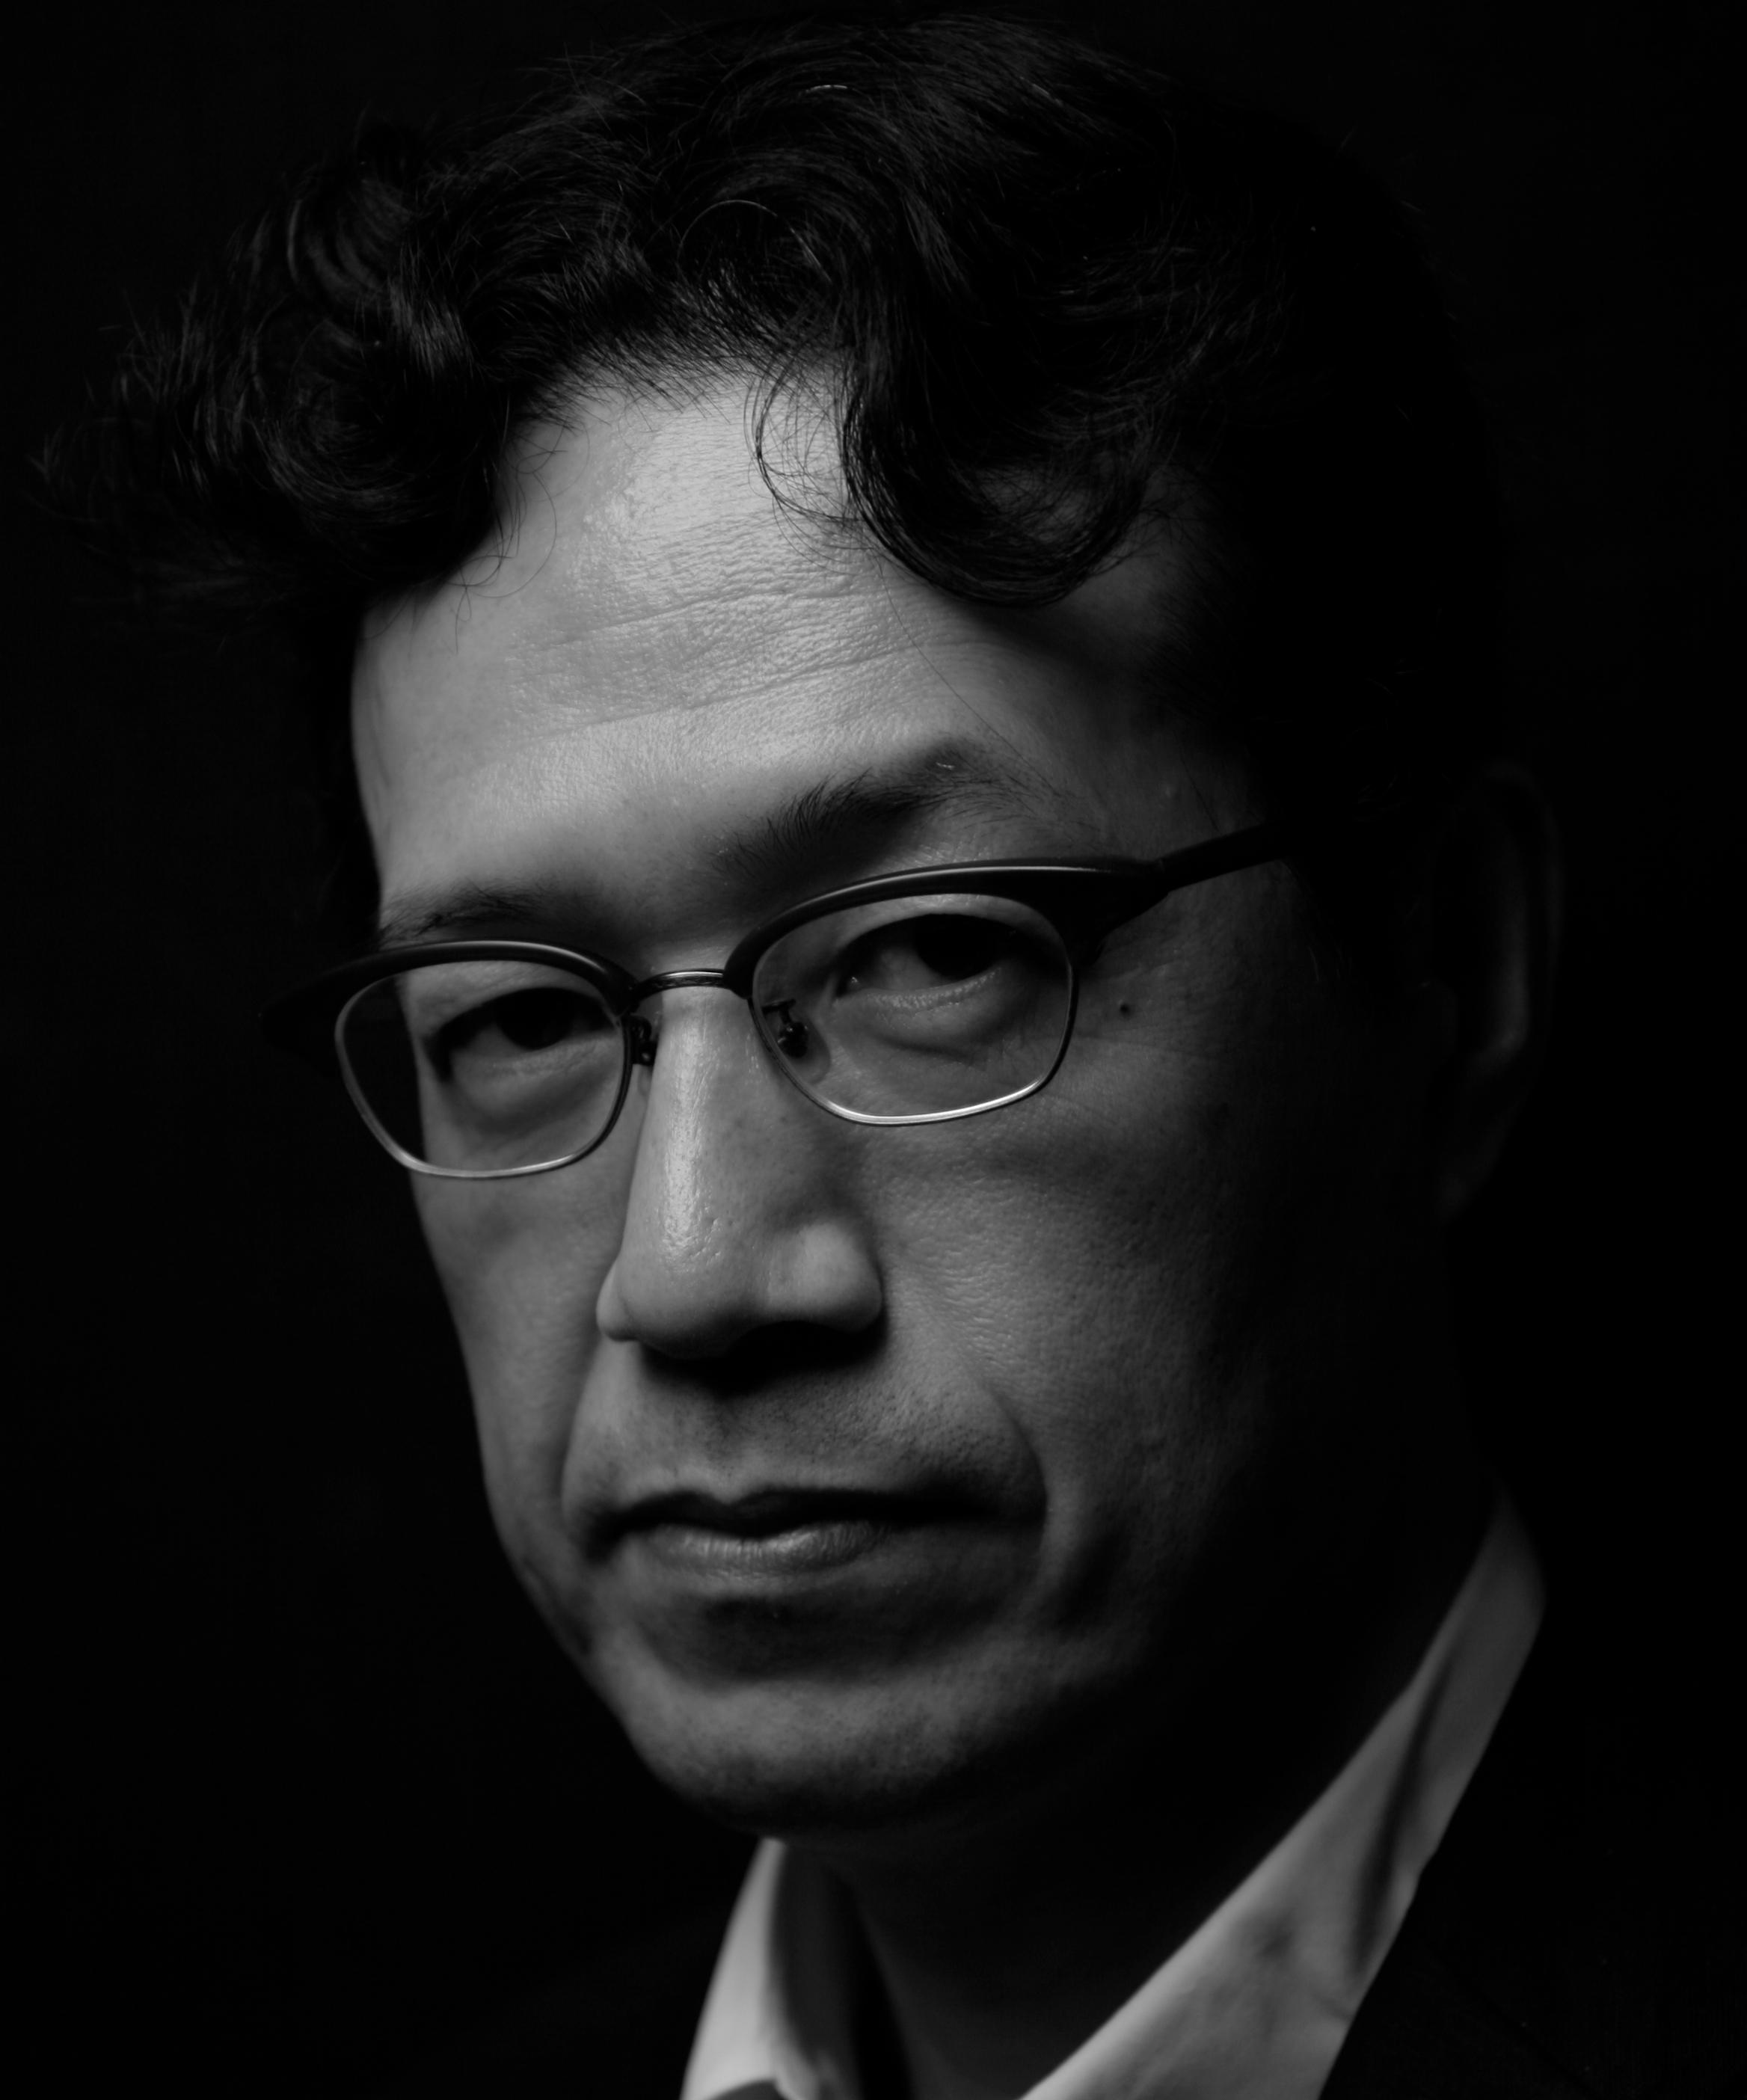 株式会社SOLA DIGITAL ARTS CCO/監督 荒牧 伸志氏